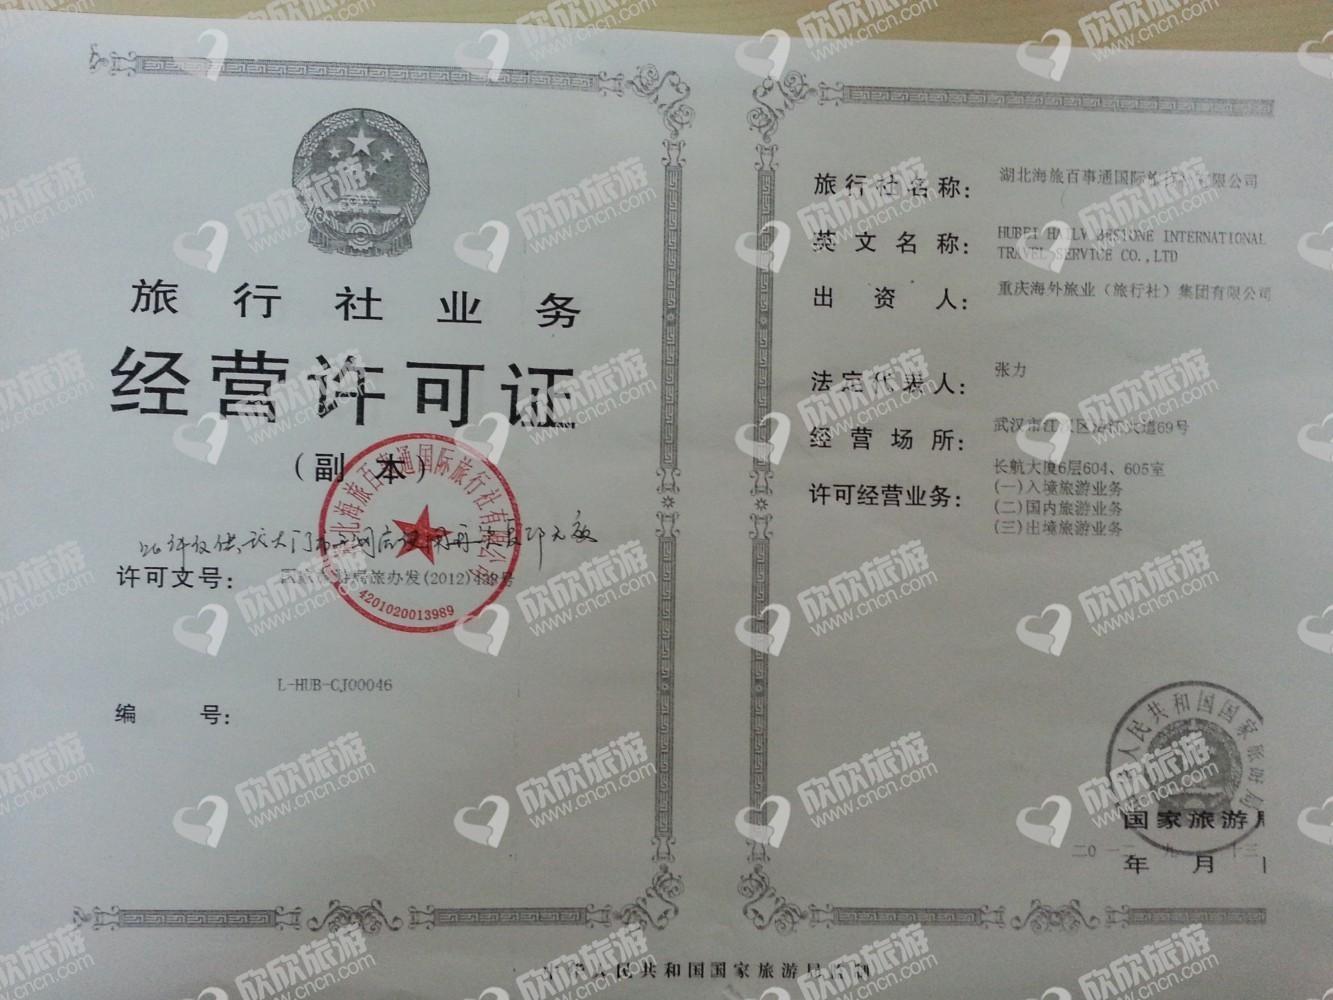 湖北海旅百事通国际旅行社有限公司街道口兆富国际门市经营许可证